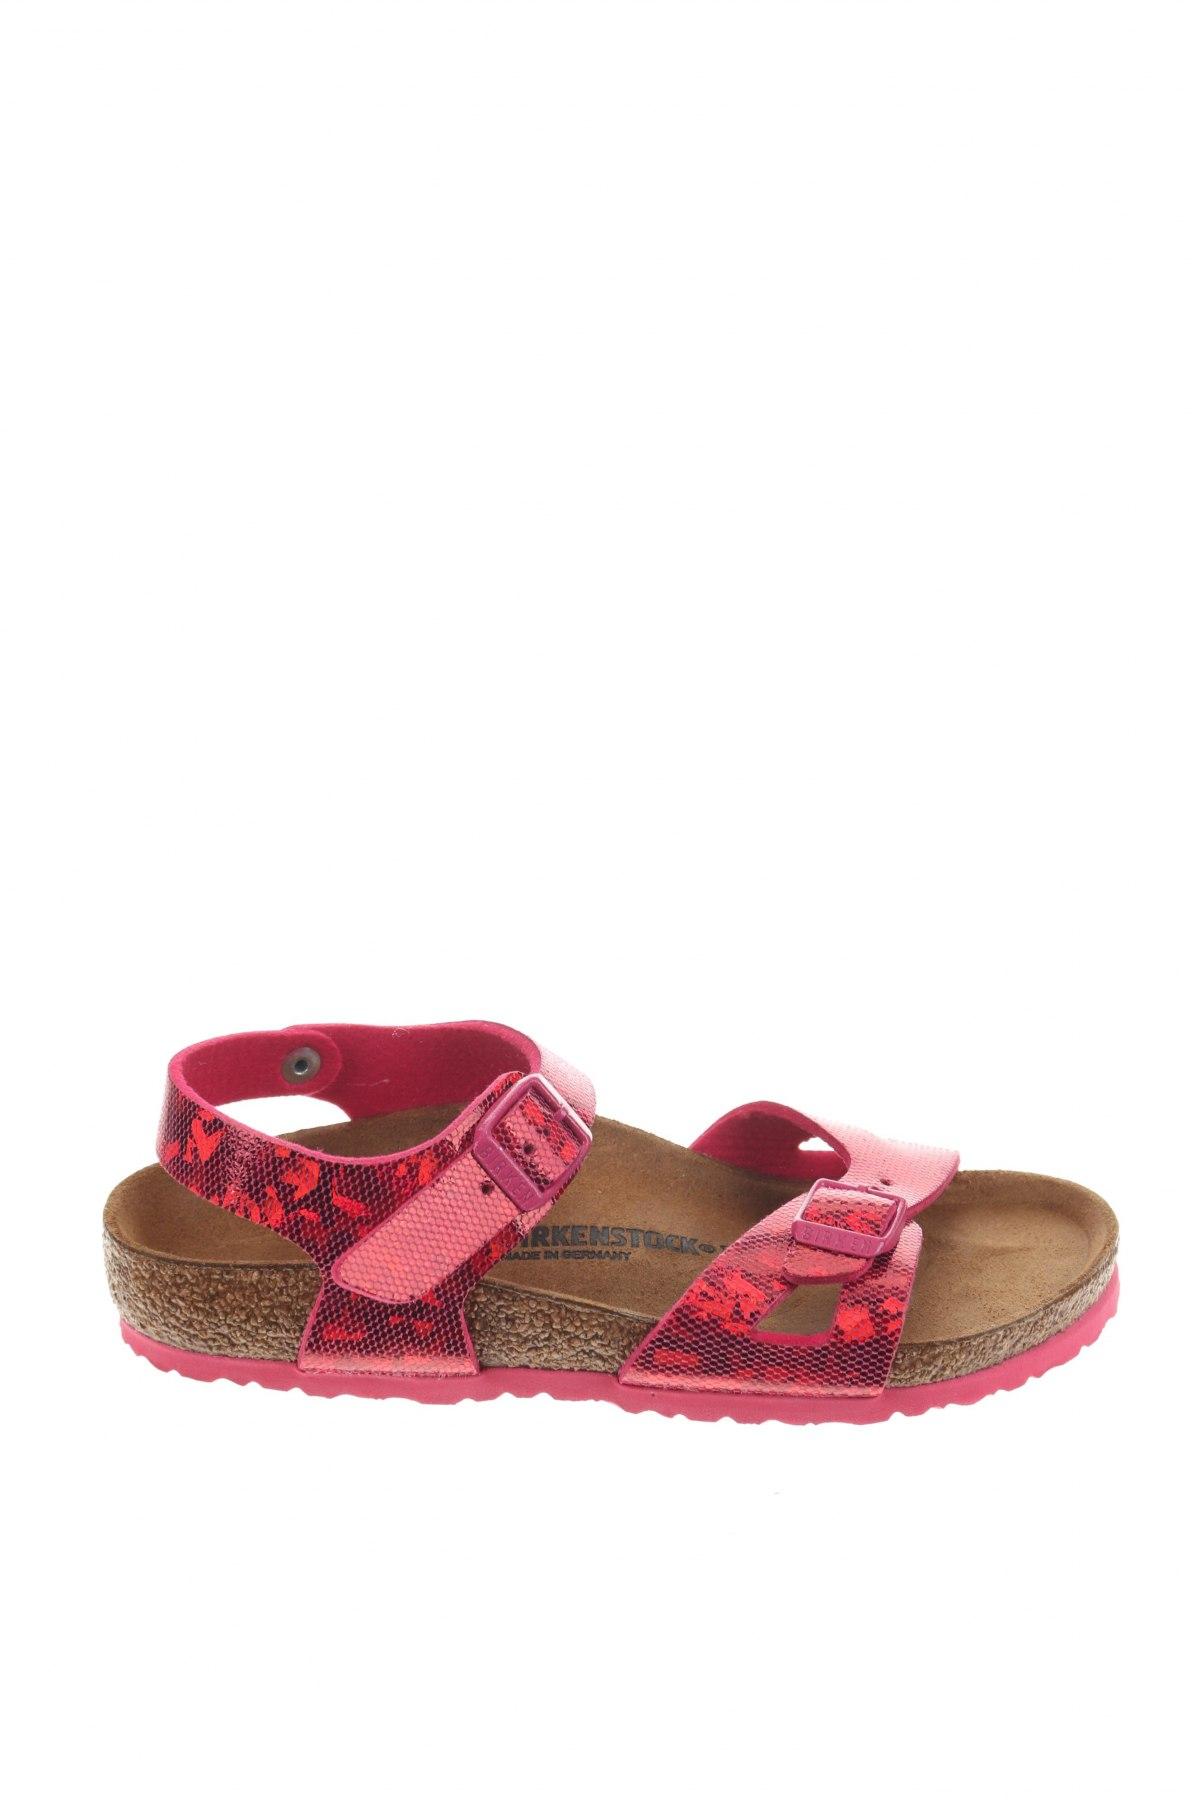 Παιδικά σανδάλια Birkenstock, Μέγεθος 33, Χρώμα Ρόζ , Δερματίνη, Τιμή 38,64€